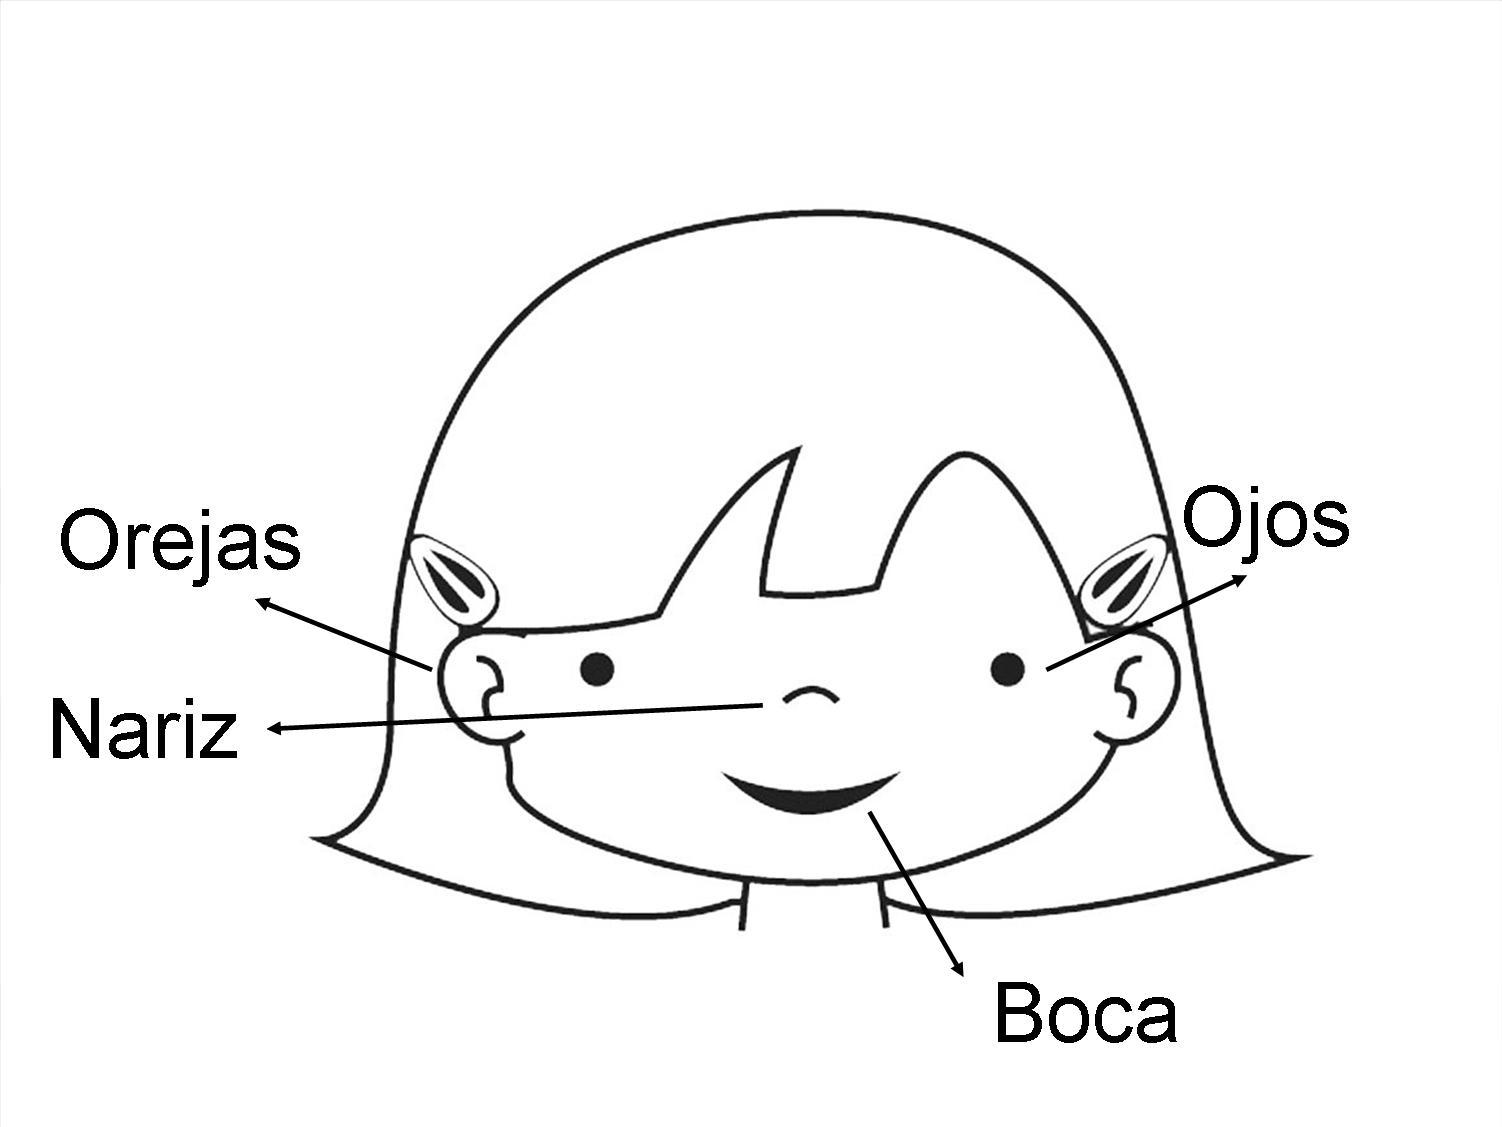 Dibujo de la cara y sus partes en inglés - Imagui